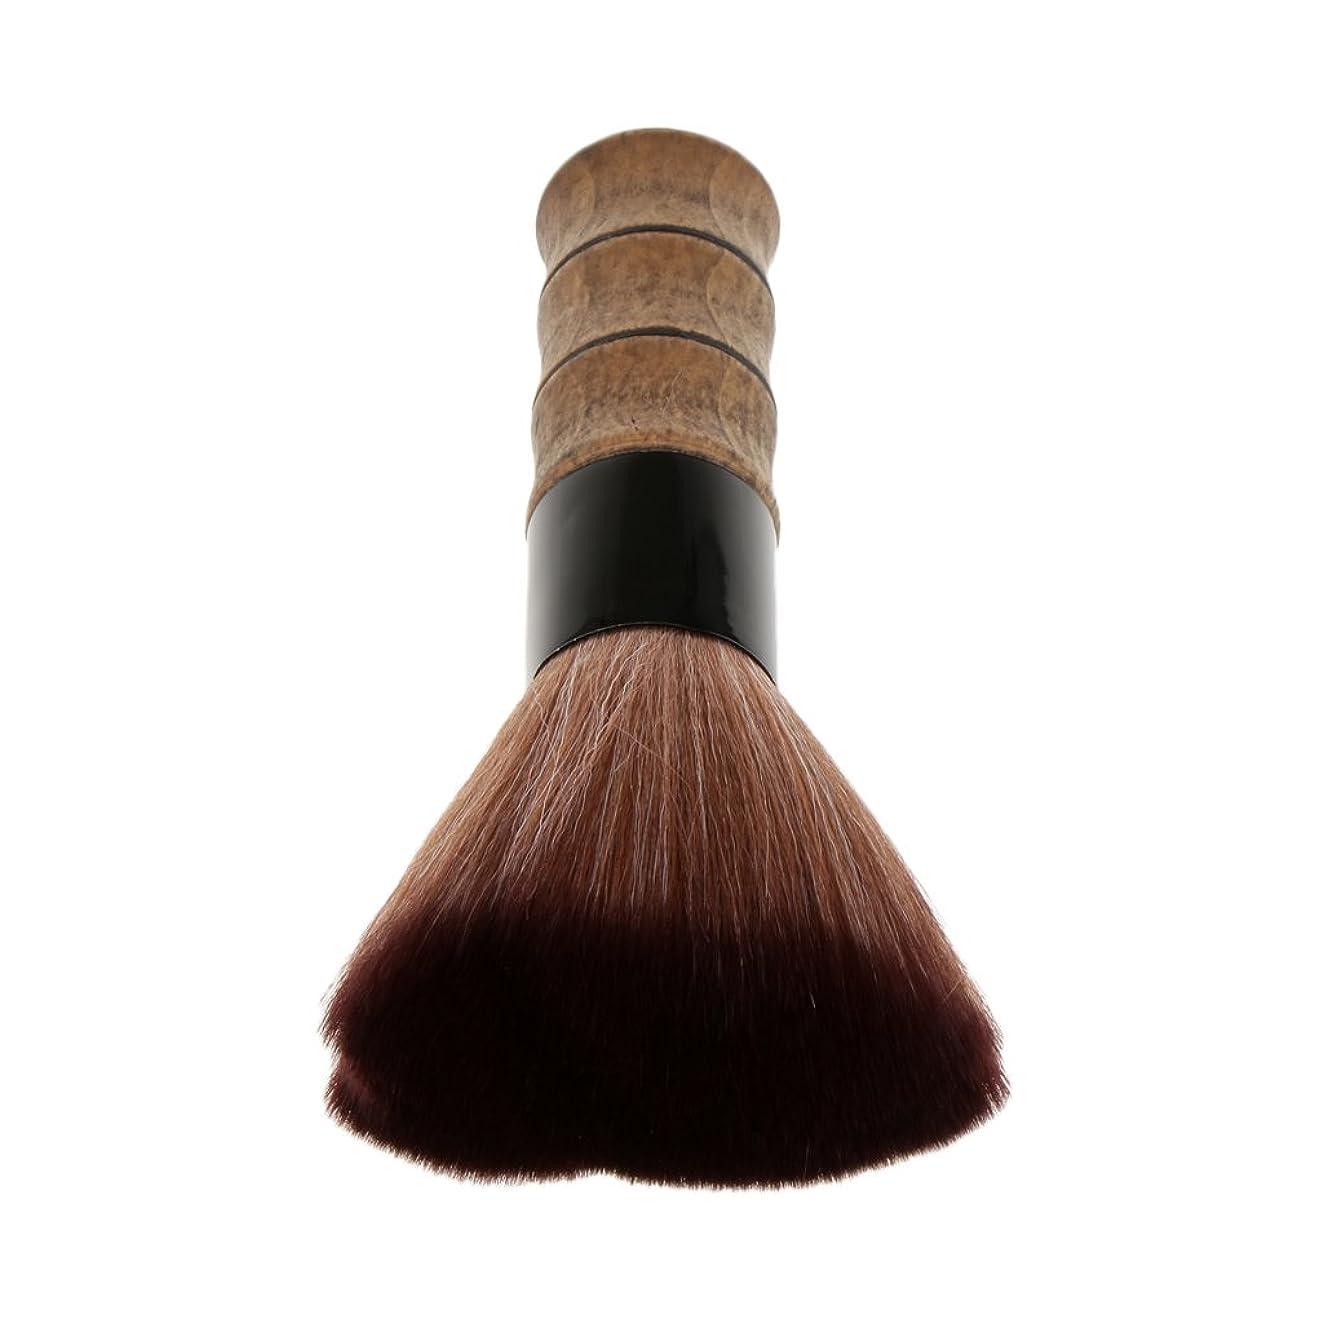 フェローシップドームやけどFenteer シェービングブラシ ソフトファイバー 脱毛 シェービング ブラシ ブラッシュ ルーズパウダー メイクブラシ 繊維+竹ハンドル 2色選べる - 褐色